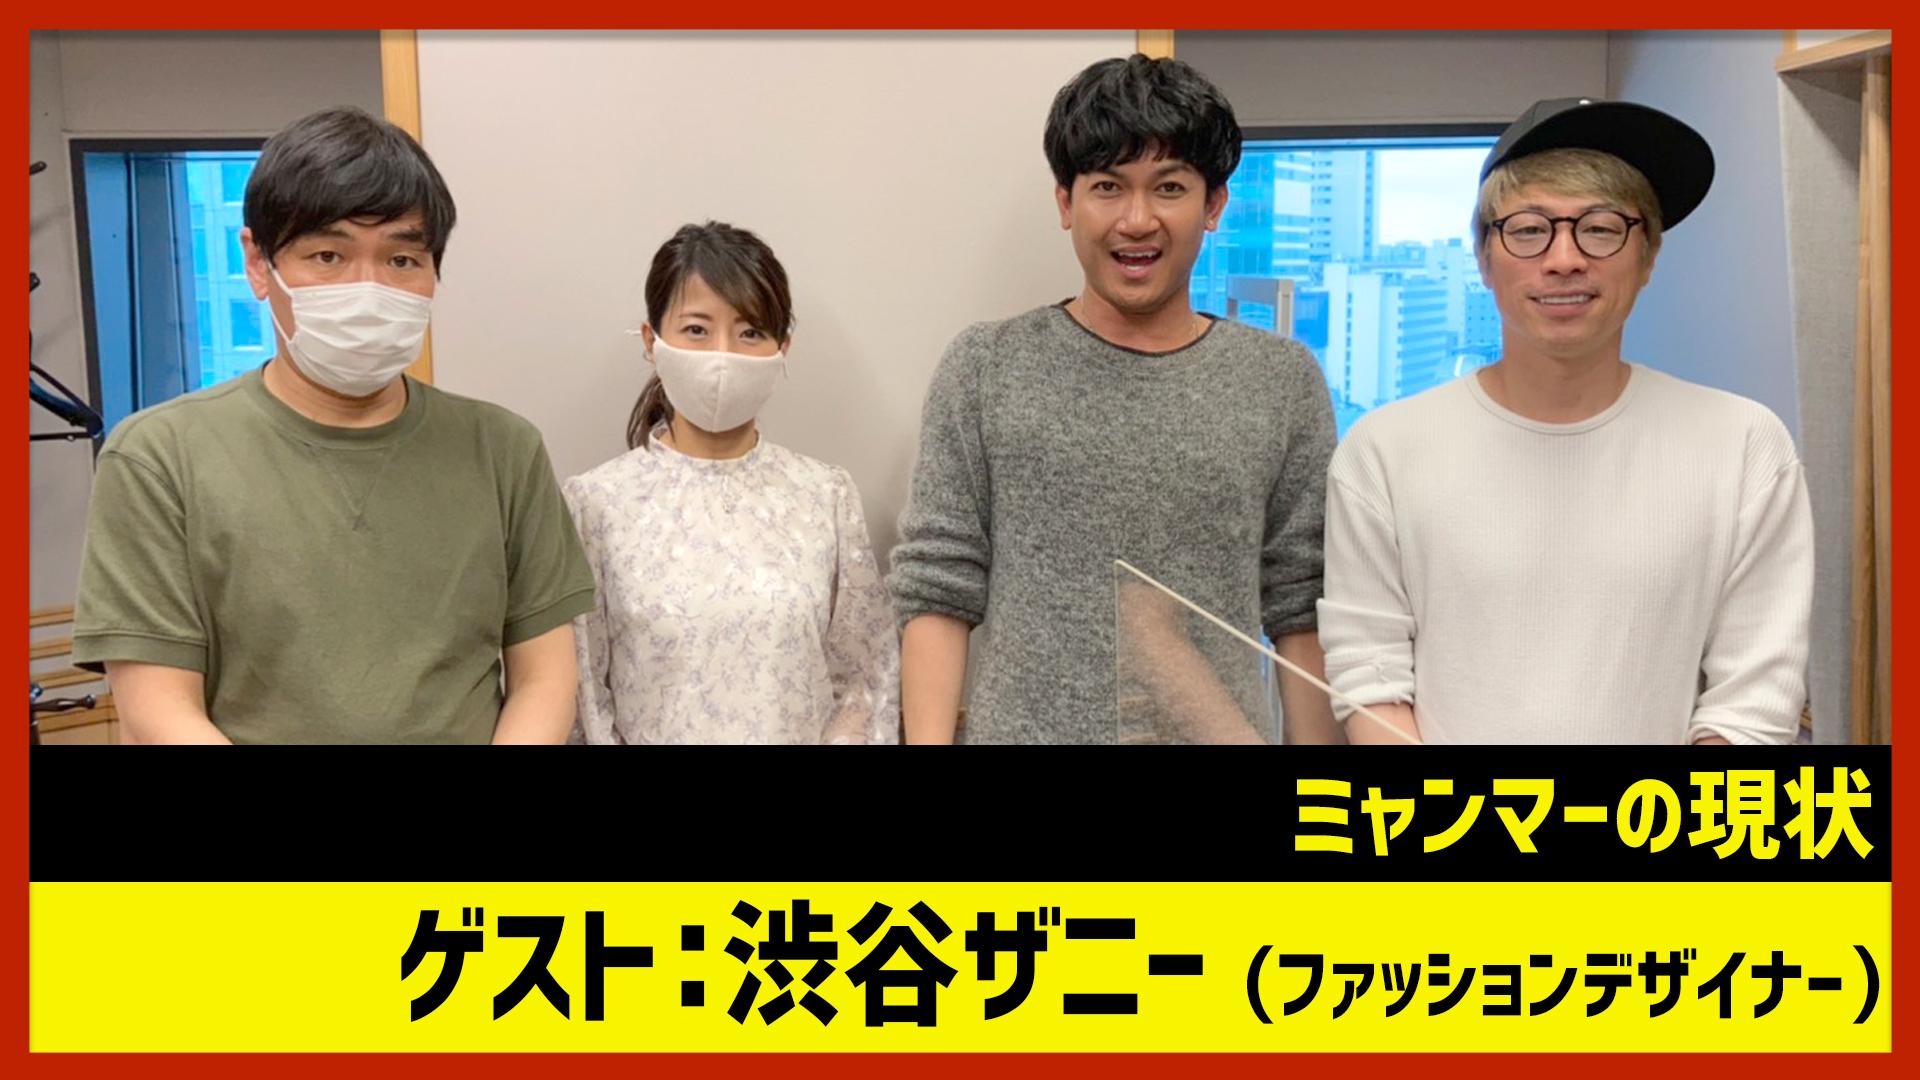 【田村淳のNewsCLUB】ゲスト: 渋谷ザニーさん(2021年4月17日後半)